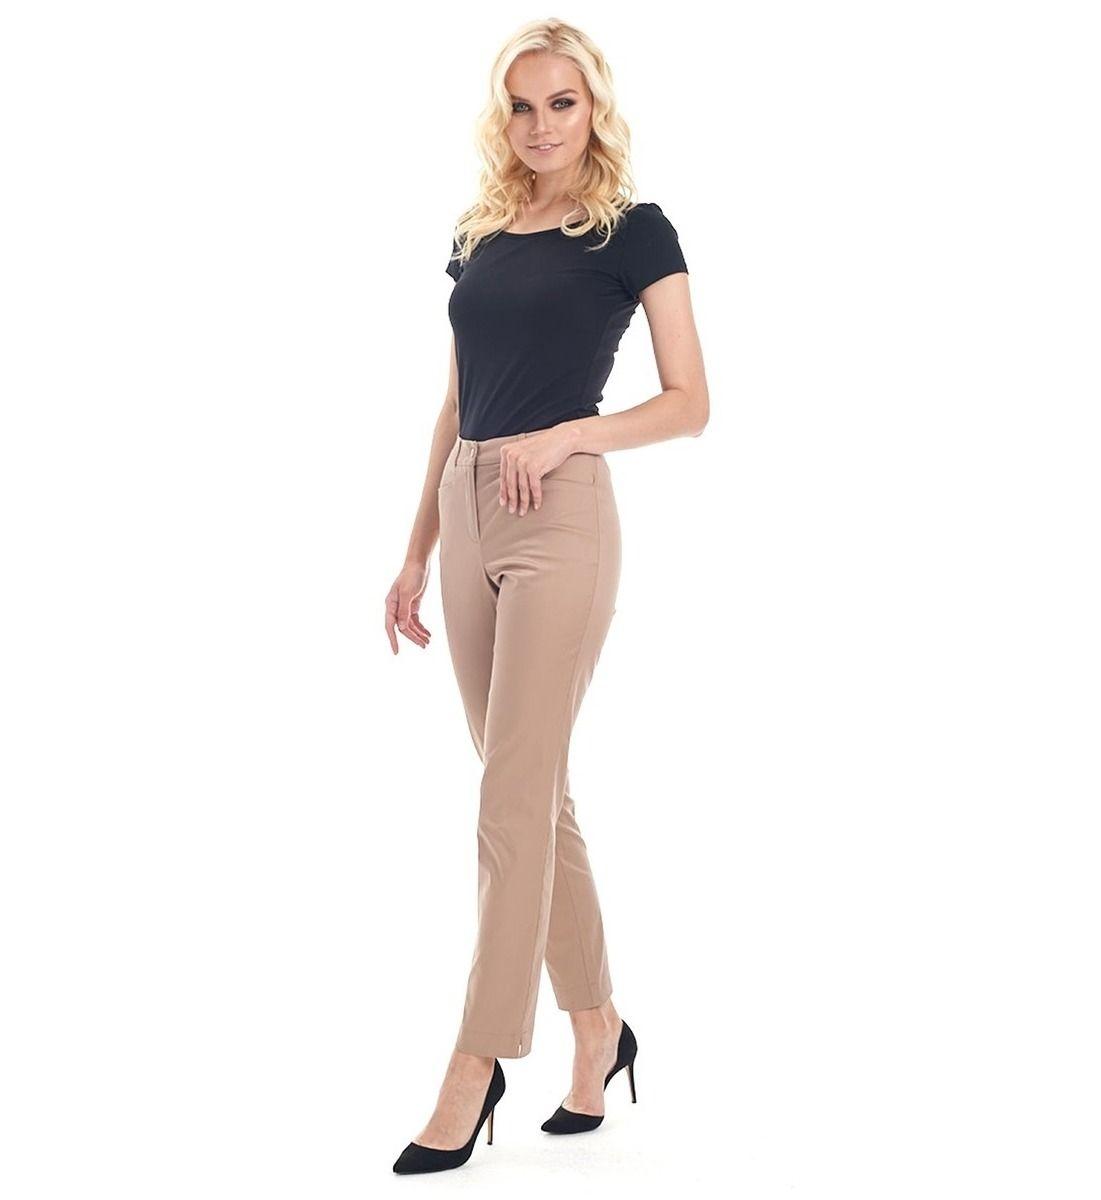 Классические брюки женские модного цвета капучино LalaStyle 1461